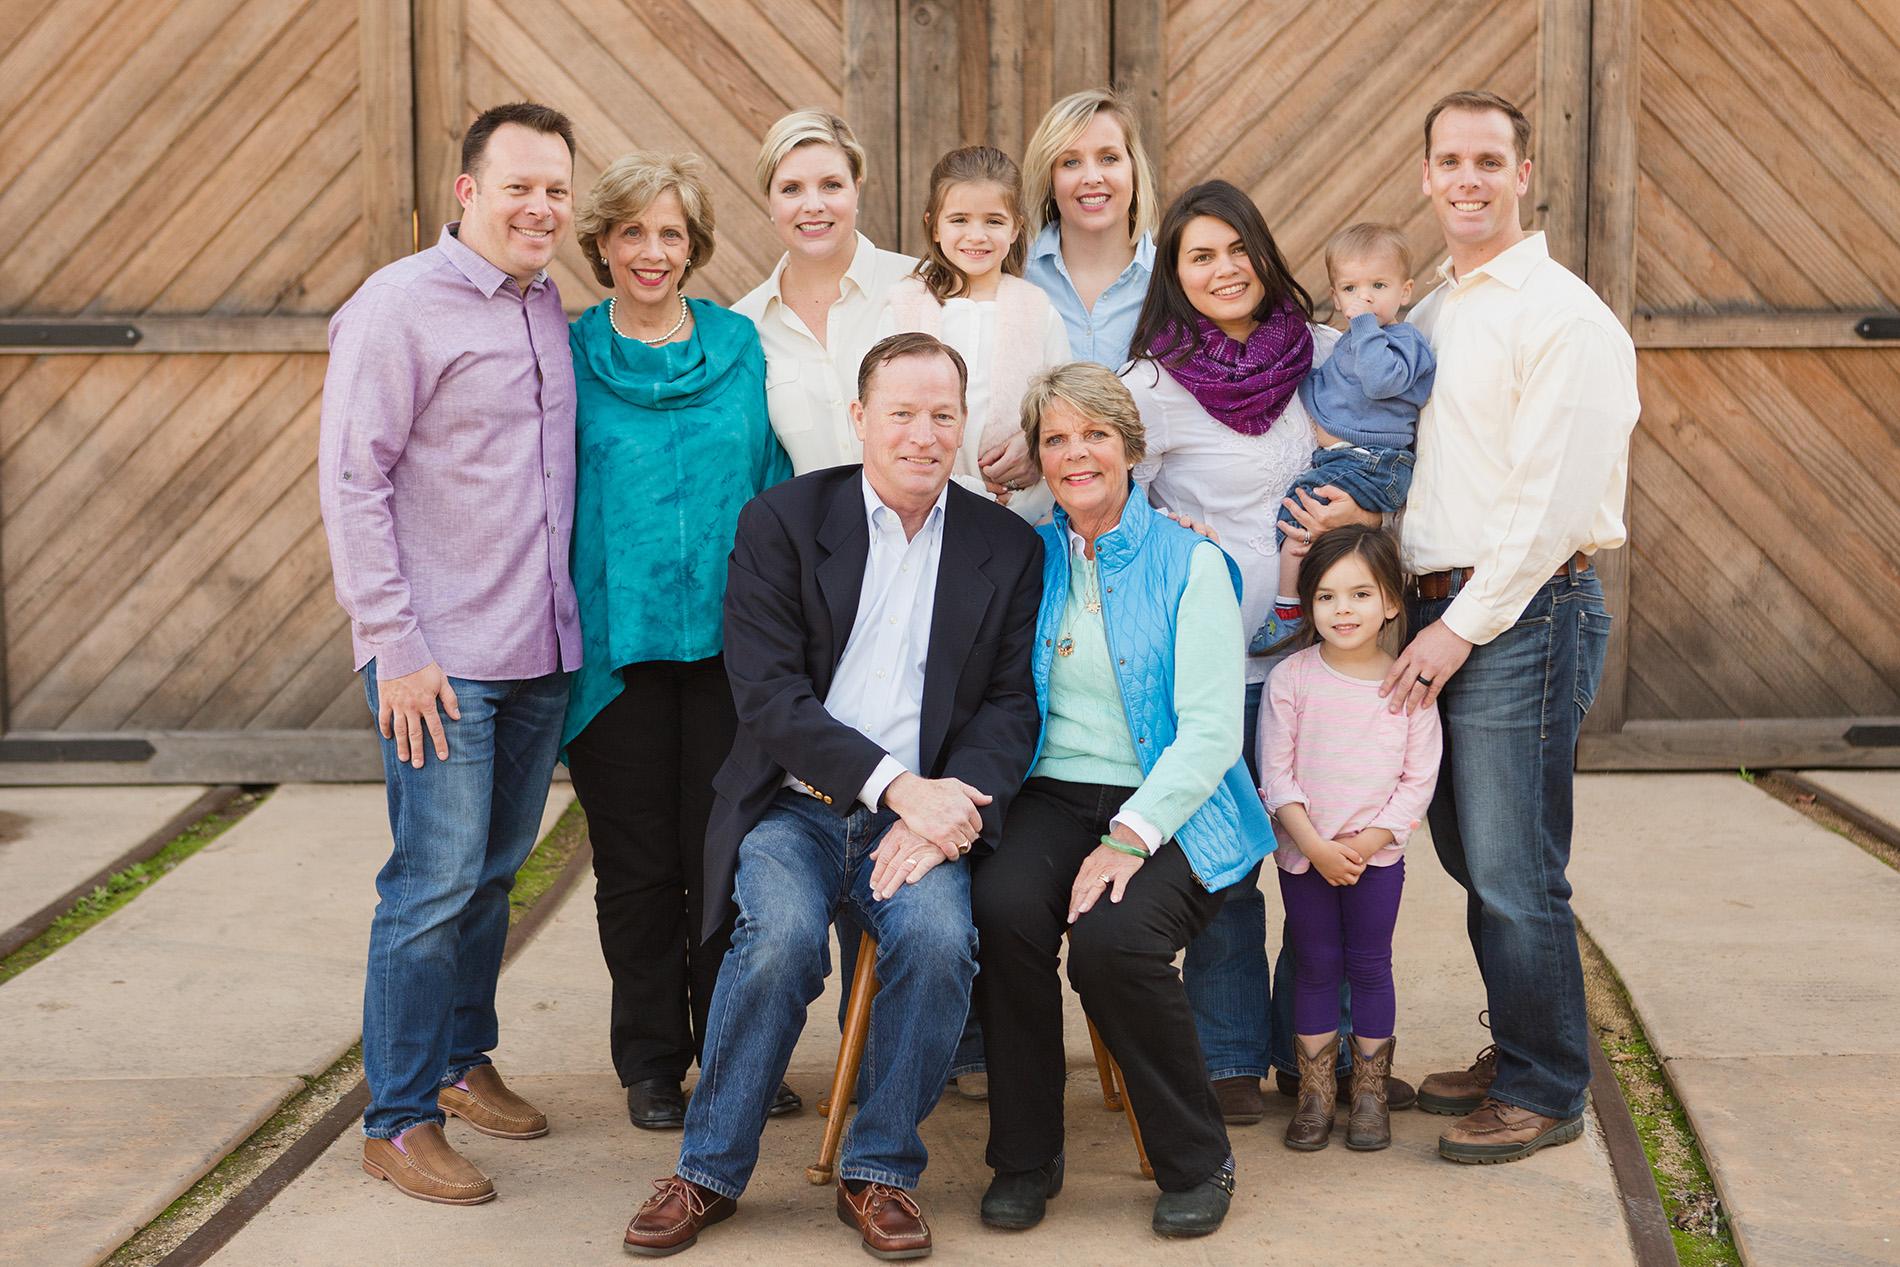 San Diego Family Photographer Christine Dammann Photography RF100